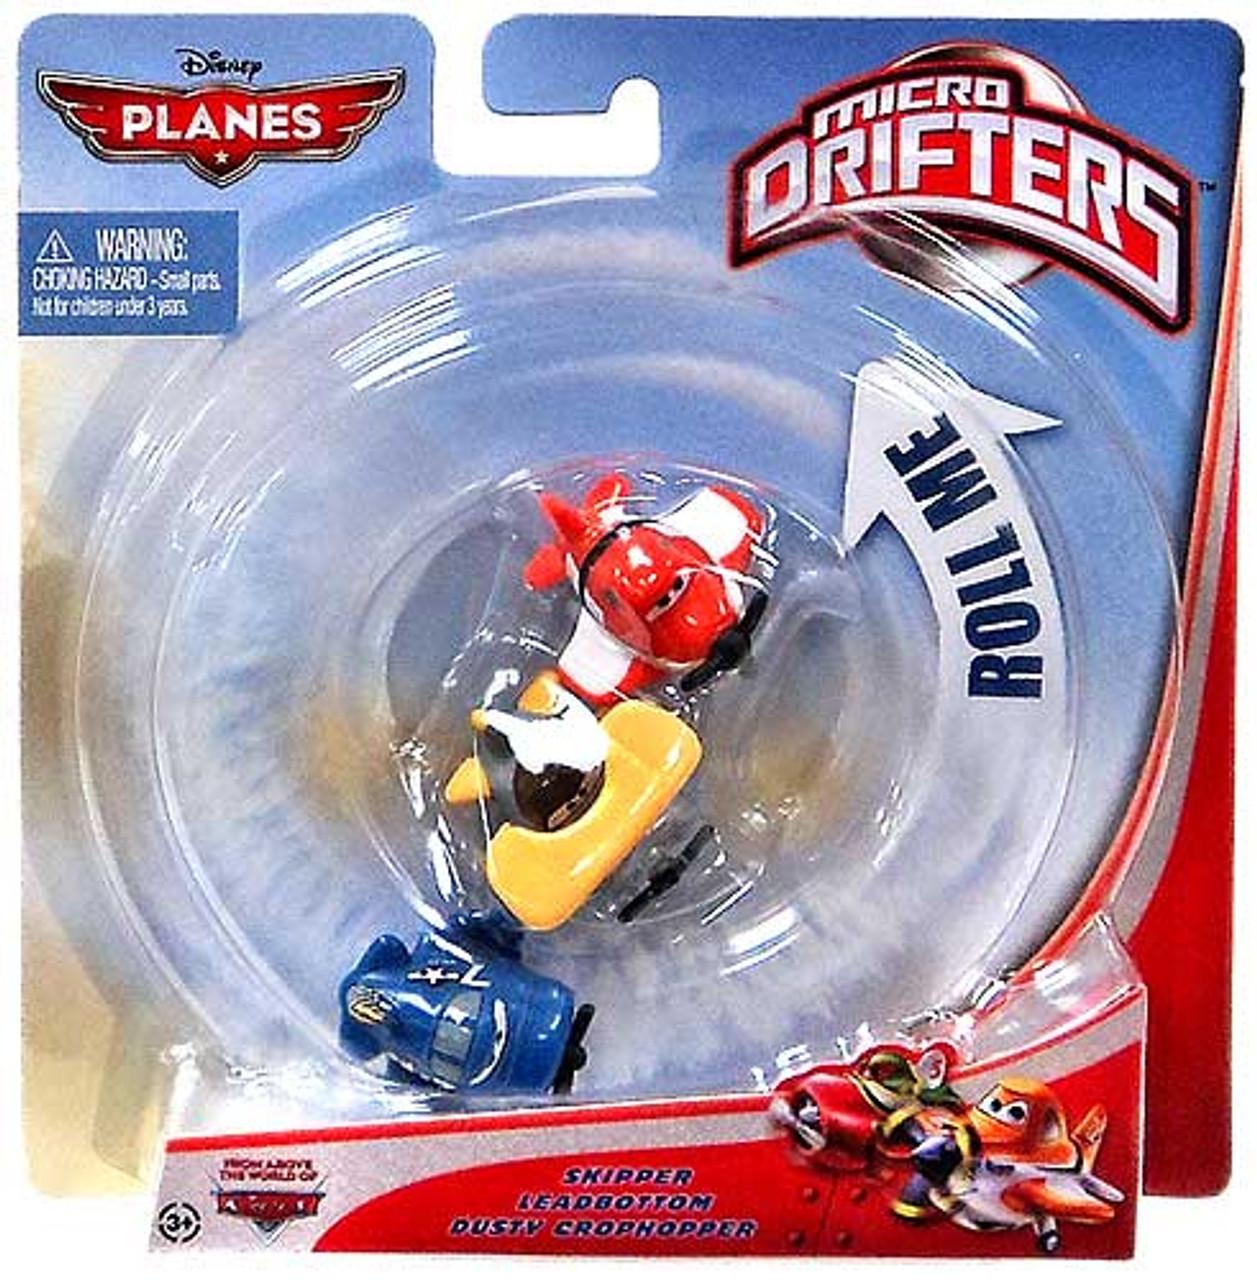 Disney Planes Micro Drifters Skipper, Leadbottom & Dusty Crophopper Vehicle 3-Pack